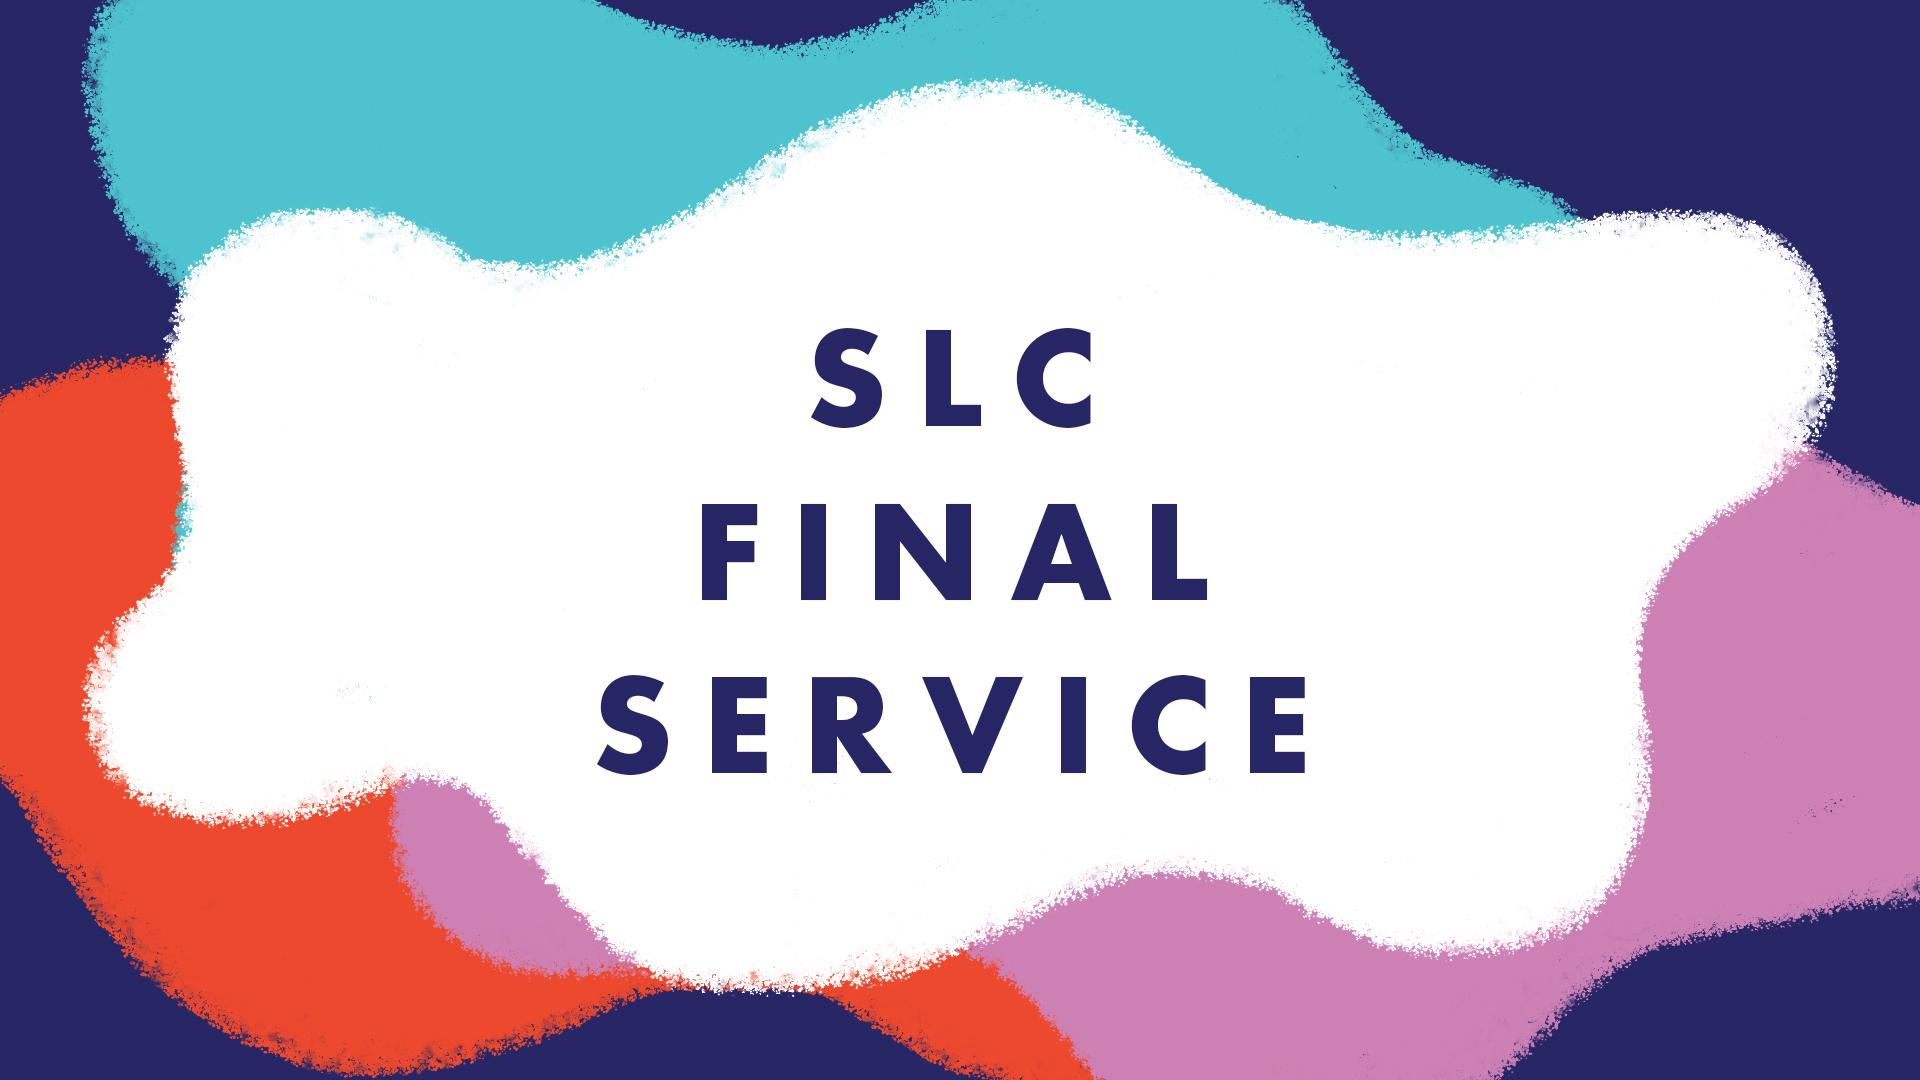 SLC Final Service